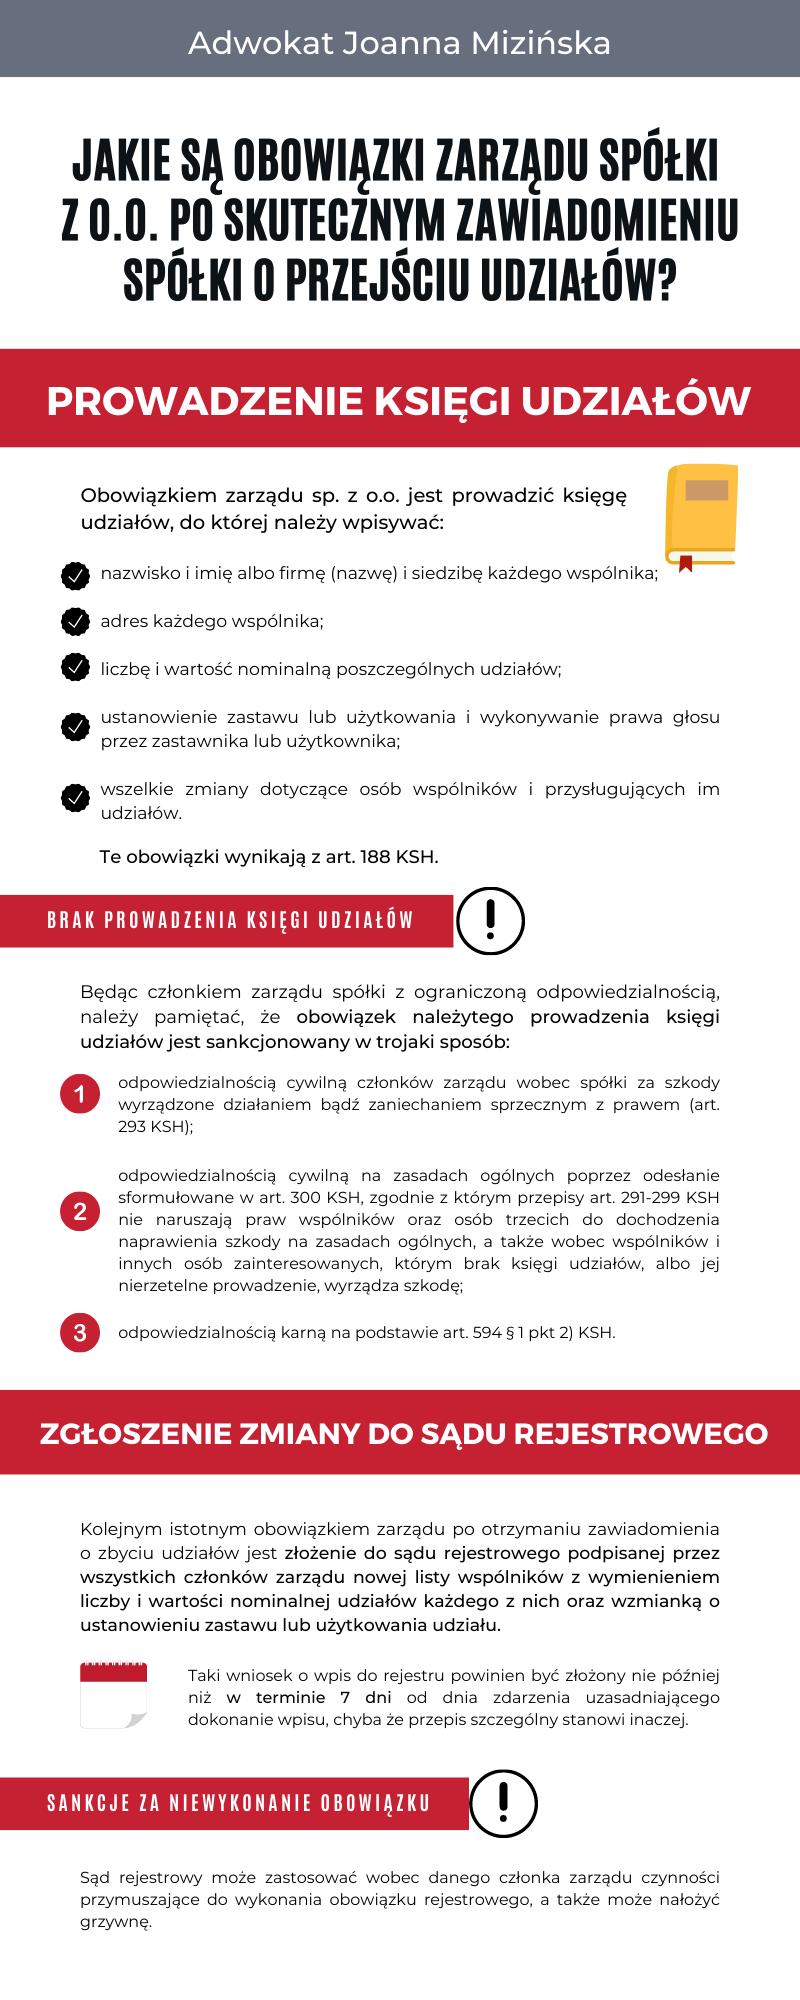 obowiązki zarządu sp. zo.o.